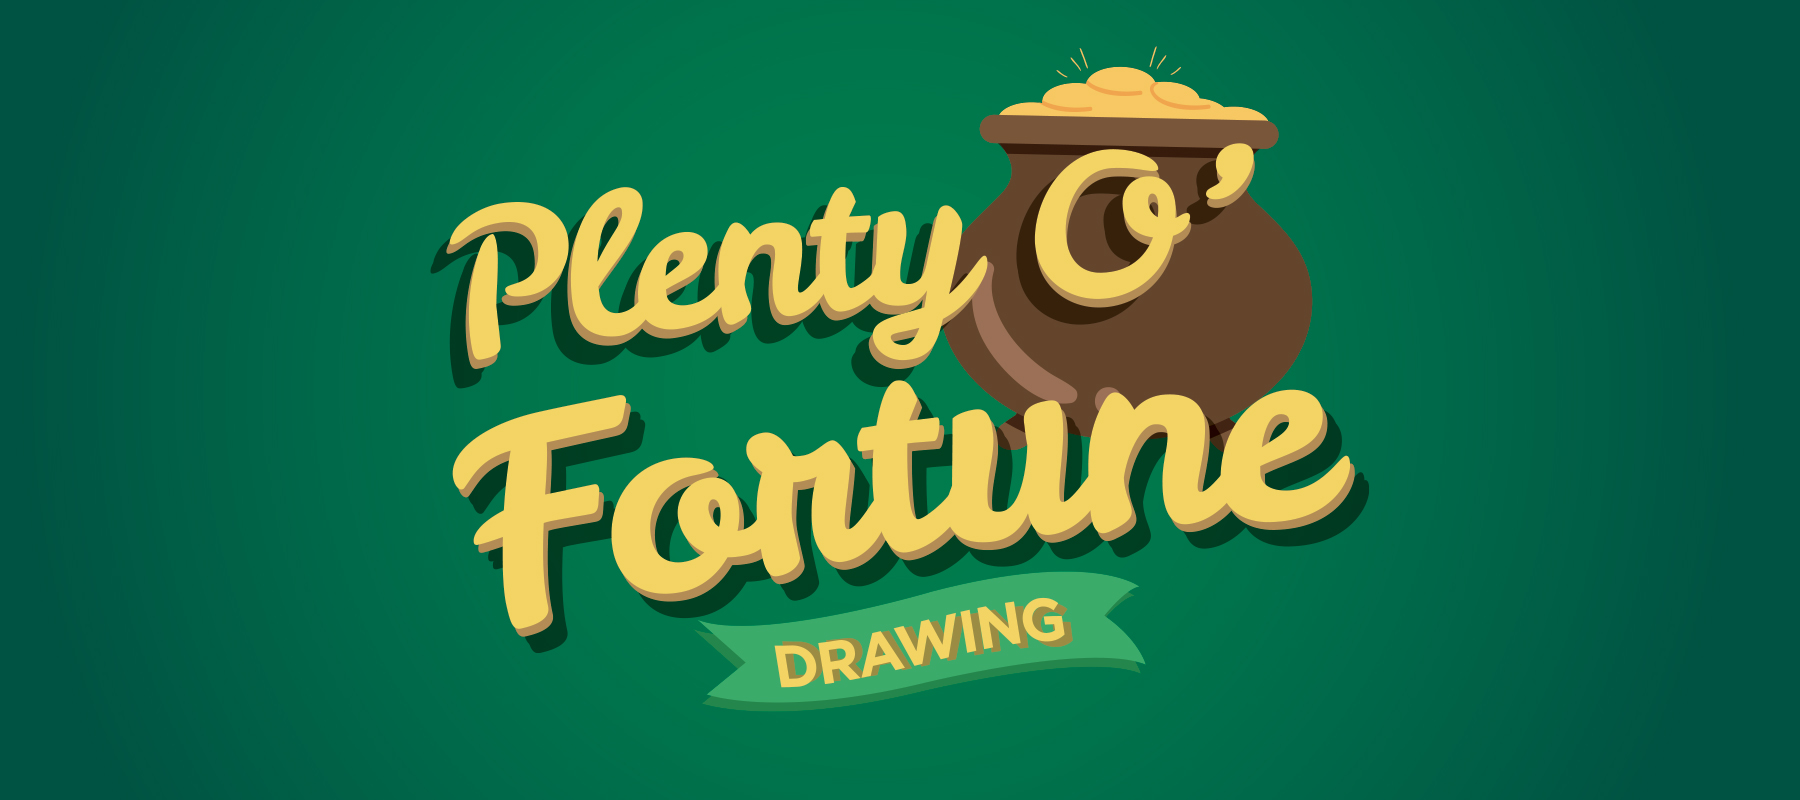 Plenty O' Fortune